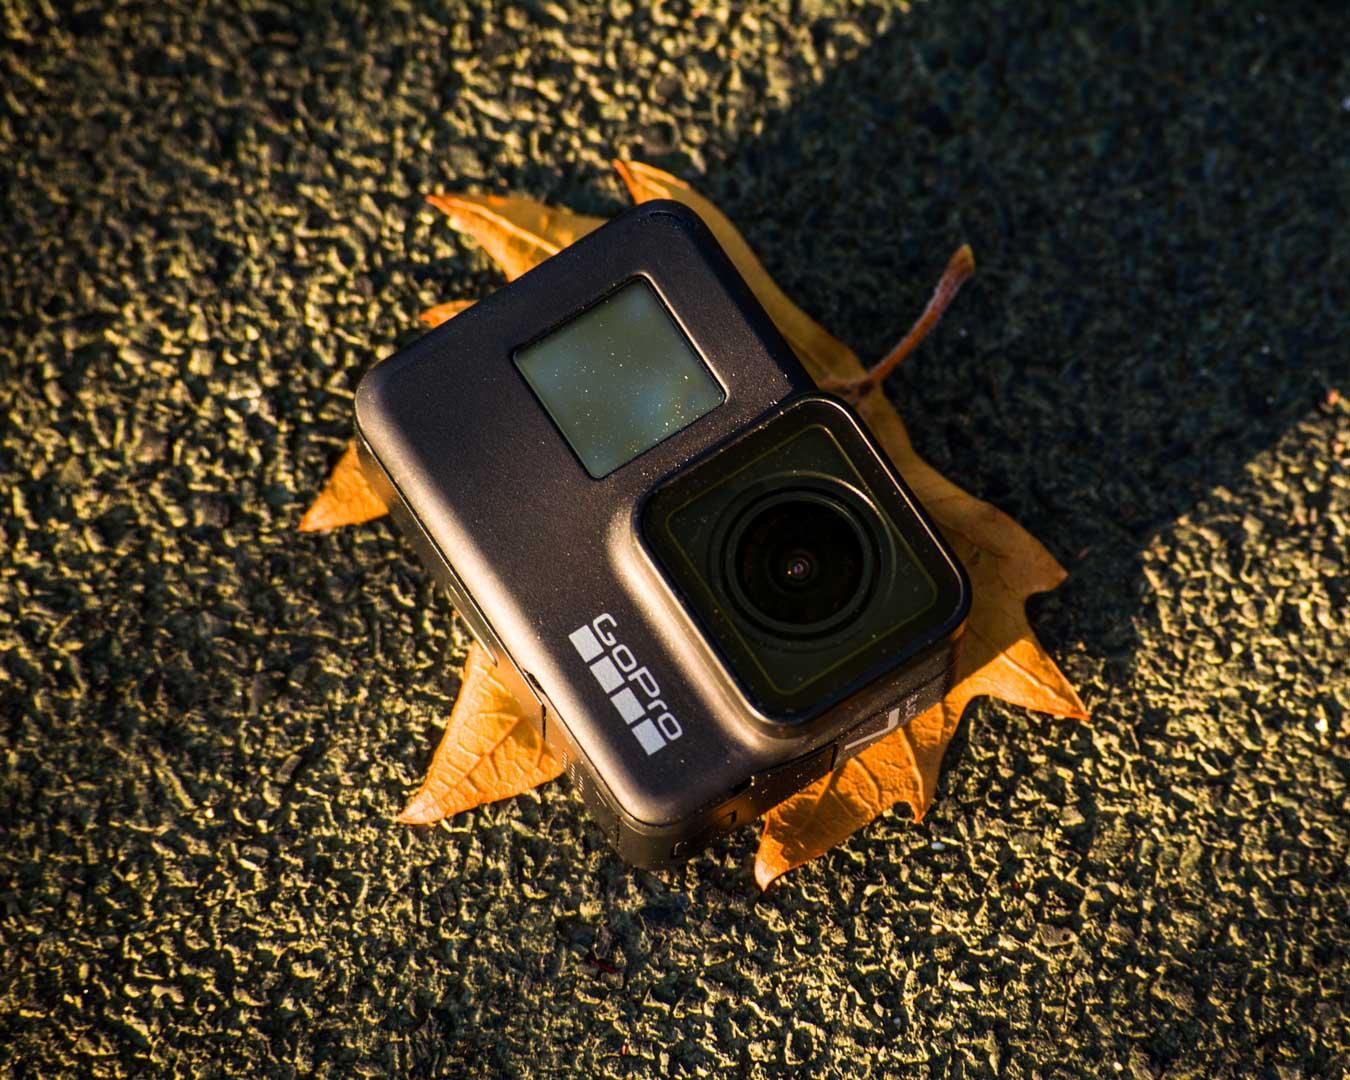 GoPro Hero 7 Black travelshare.gr review